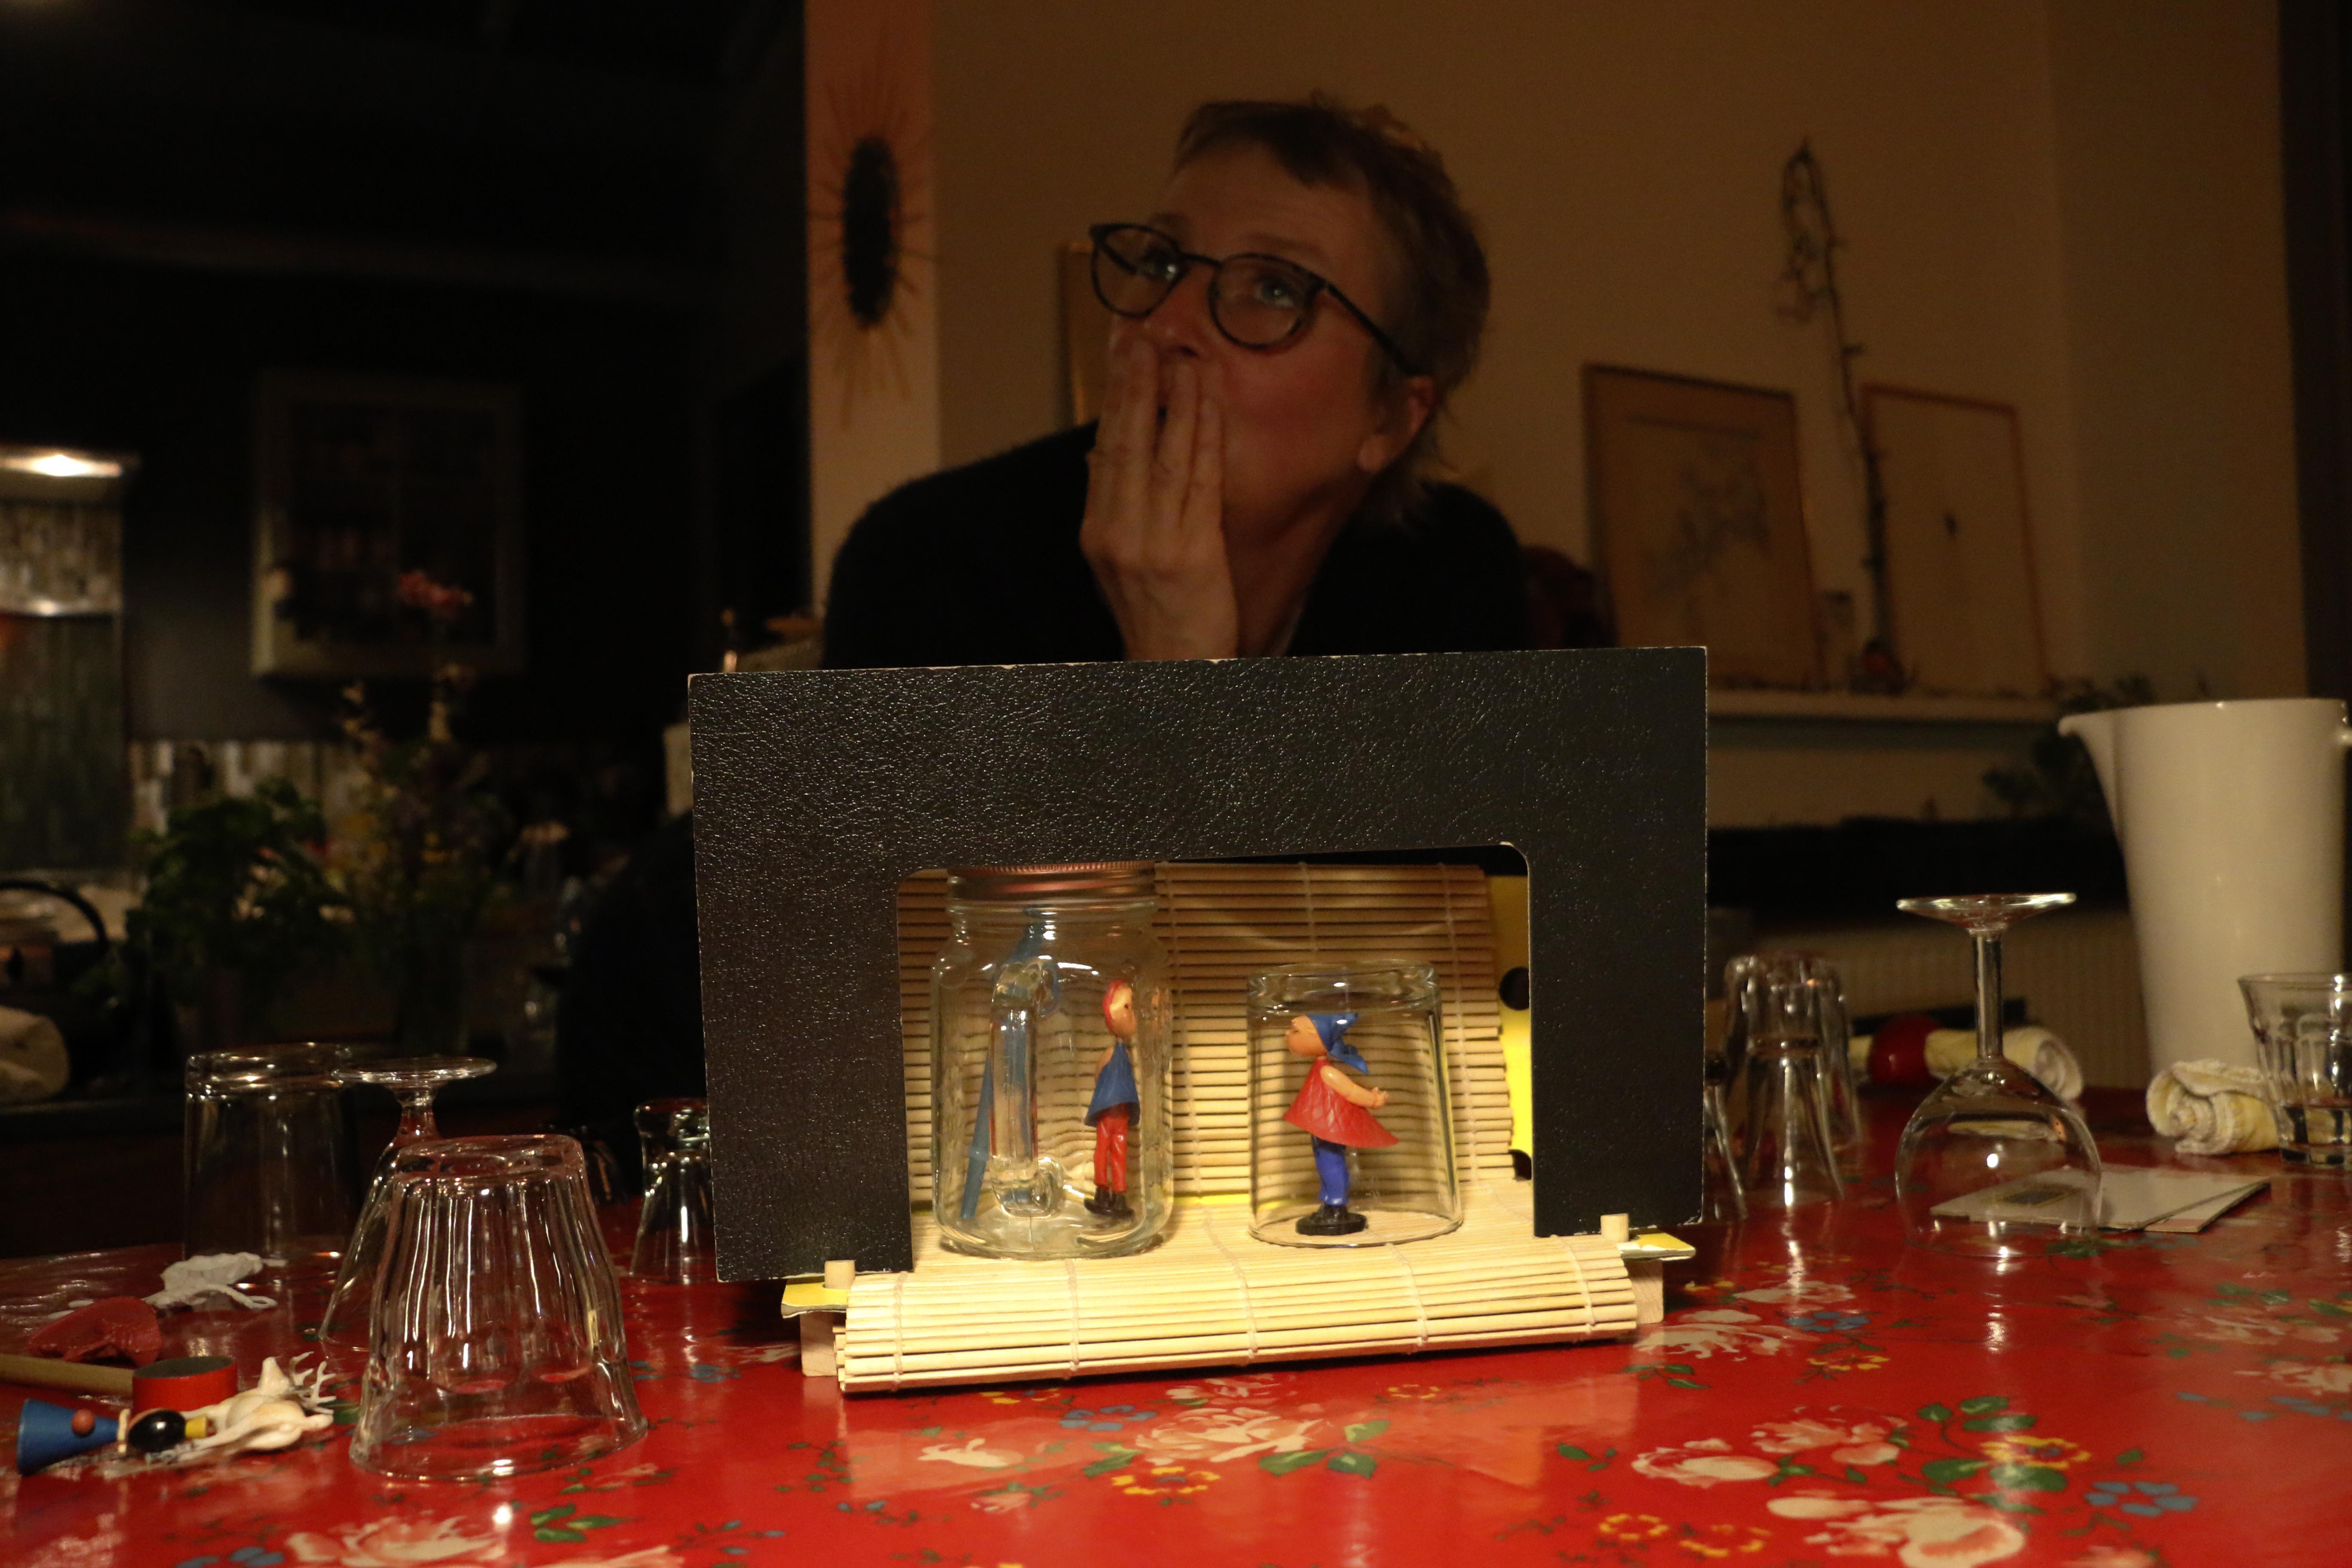 Un petit théâtre improvisé sur une table à manger. Des verres et des personnes qui trainent tout autour. Une comédienne qui réfléchit derrière, soucieuse.